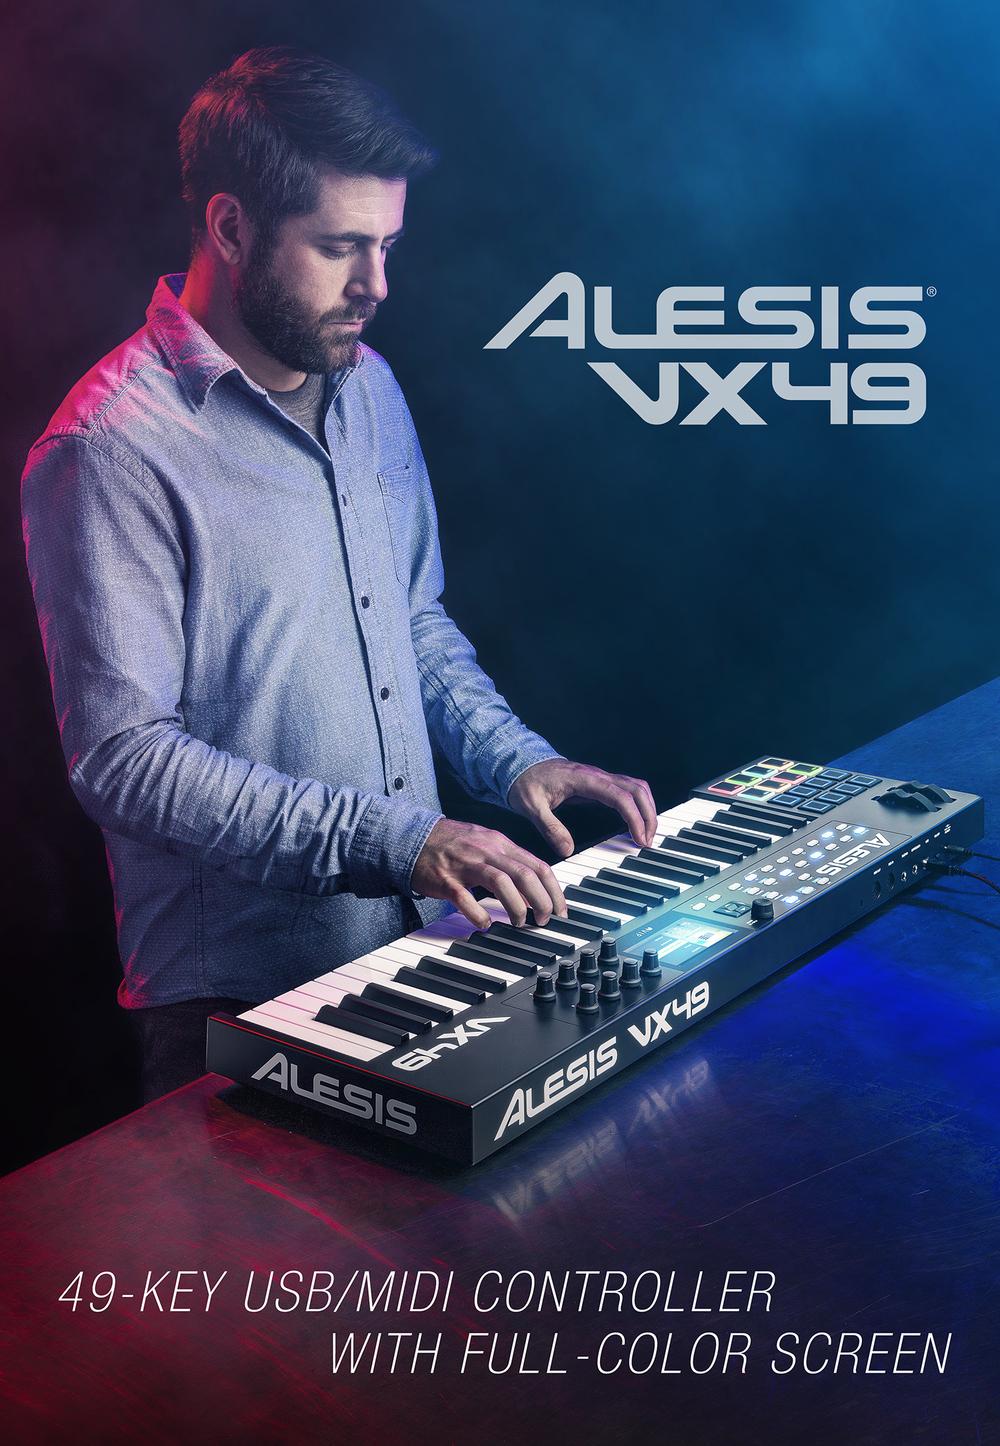 Alesis_VX49_Lifestyle.png